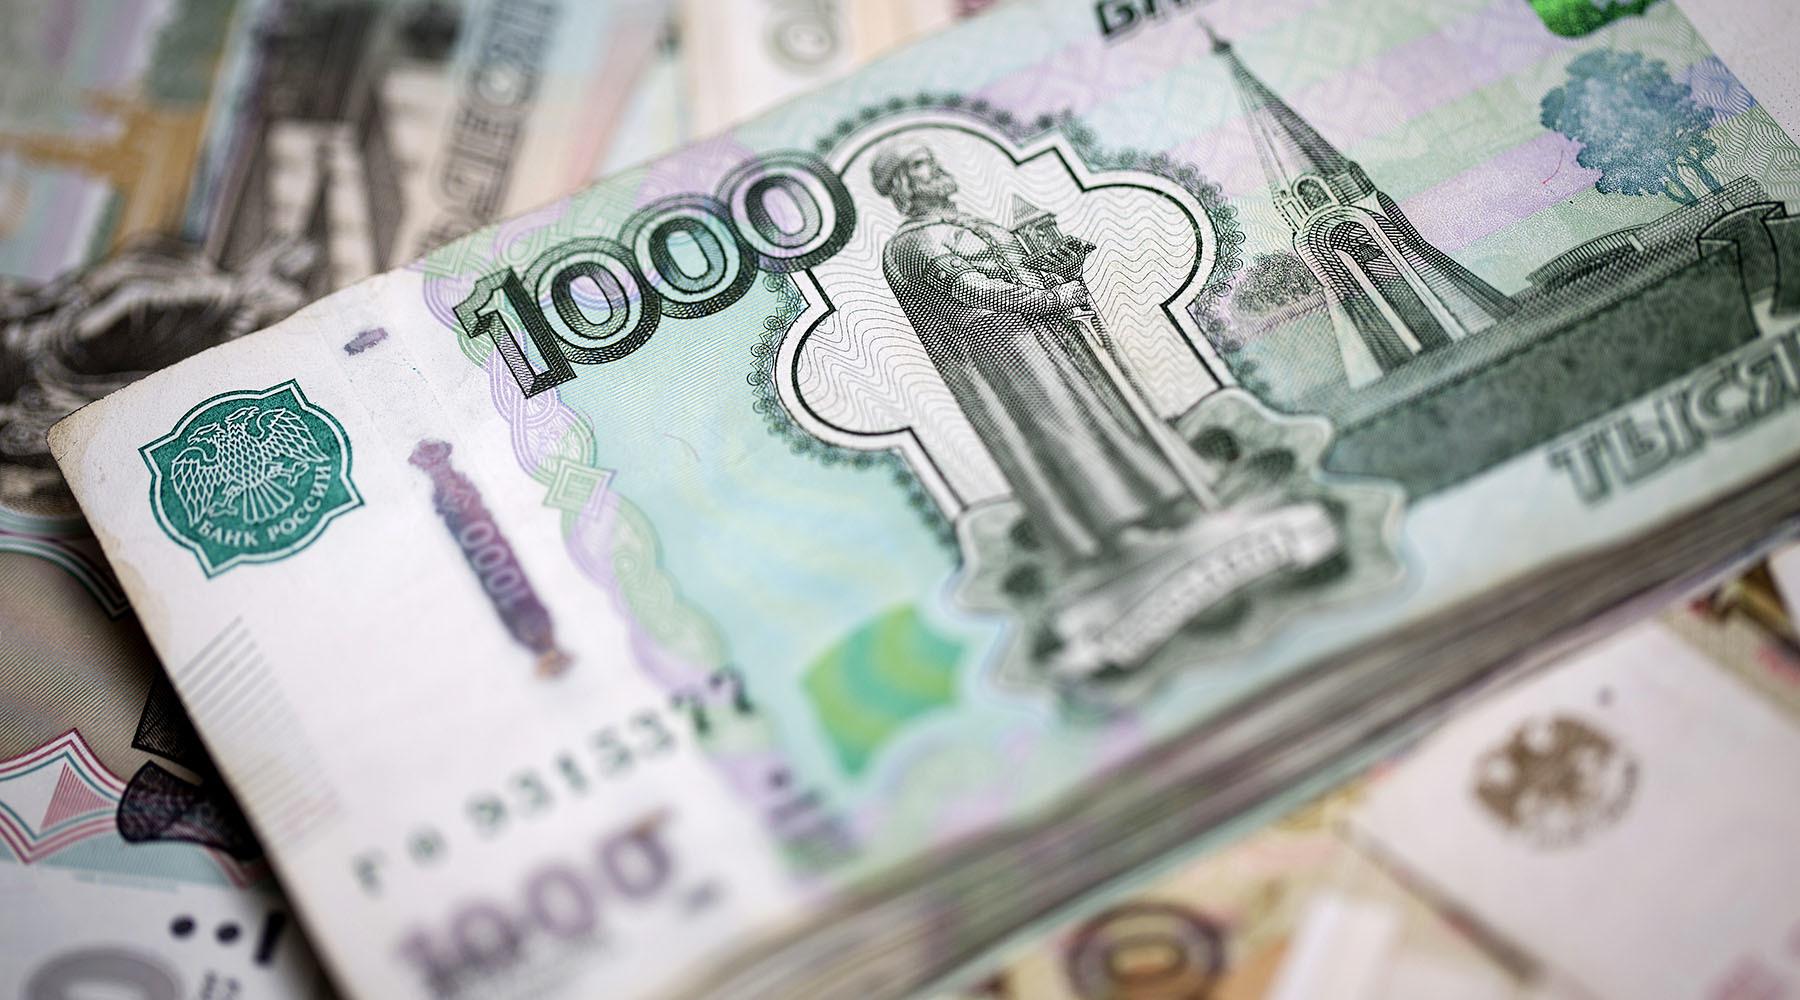 Предложено возобновить с 2022 года: в Госдуму внесли законопроект об индексации пенсий работающим пенсионерам1